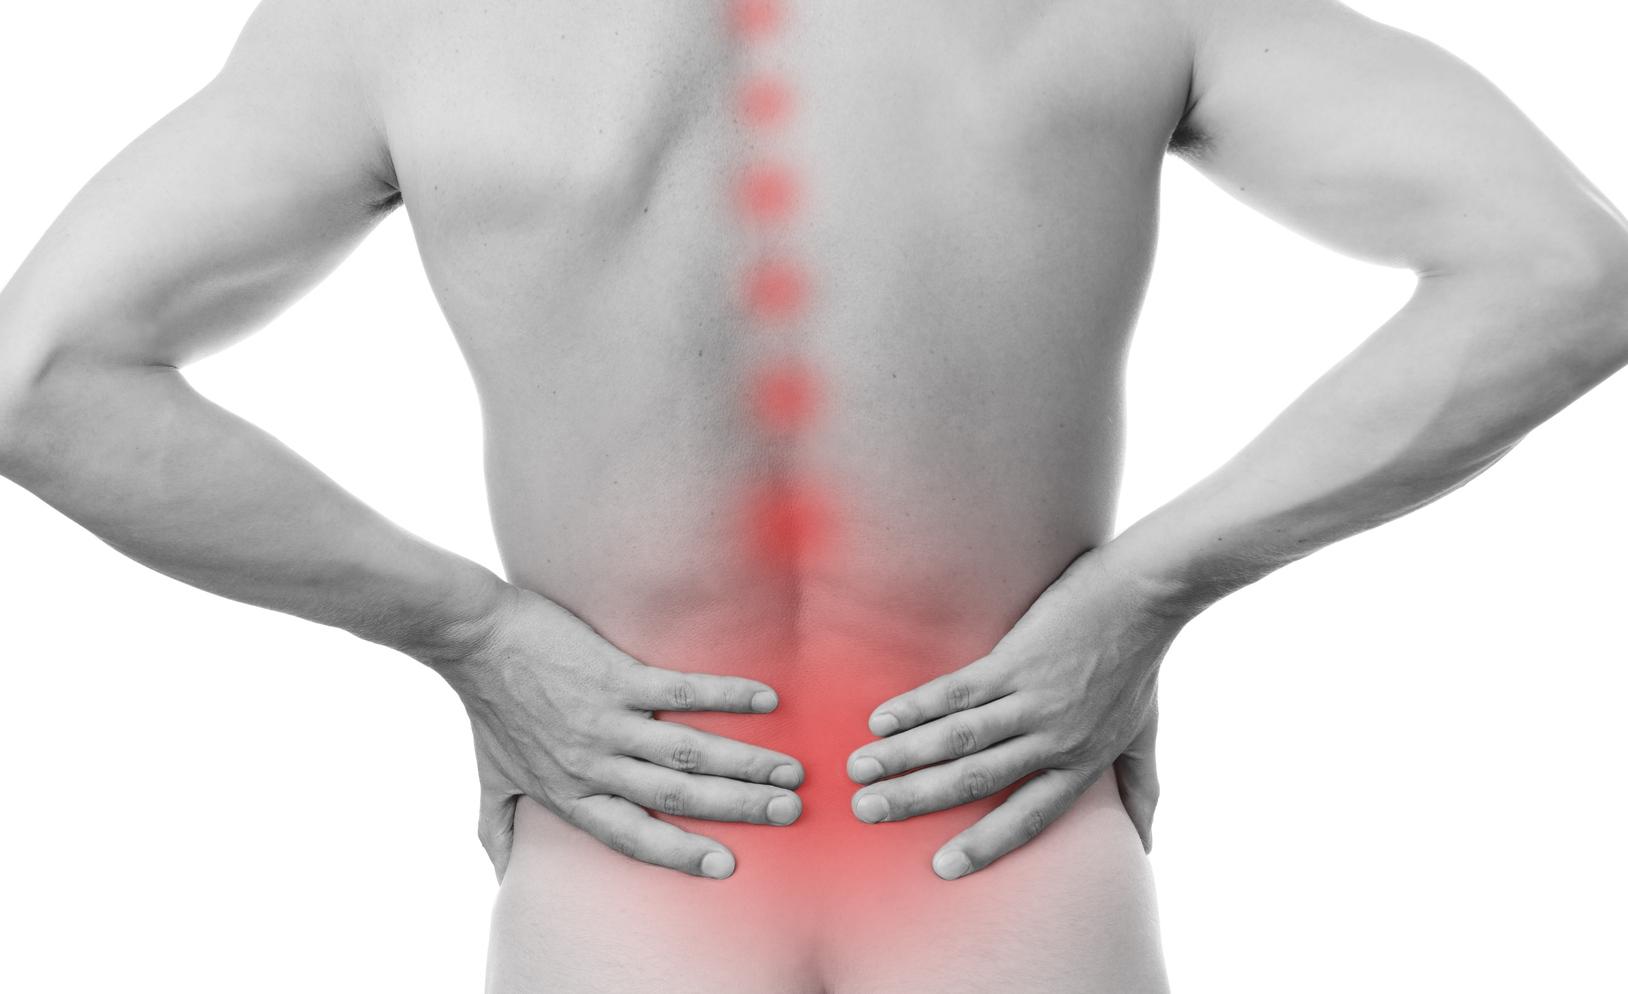 Может ли болеть спина от простатита лечить хронический простатит прополисом